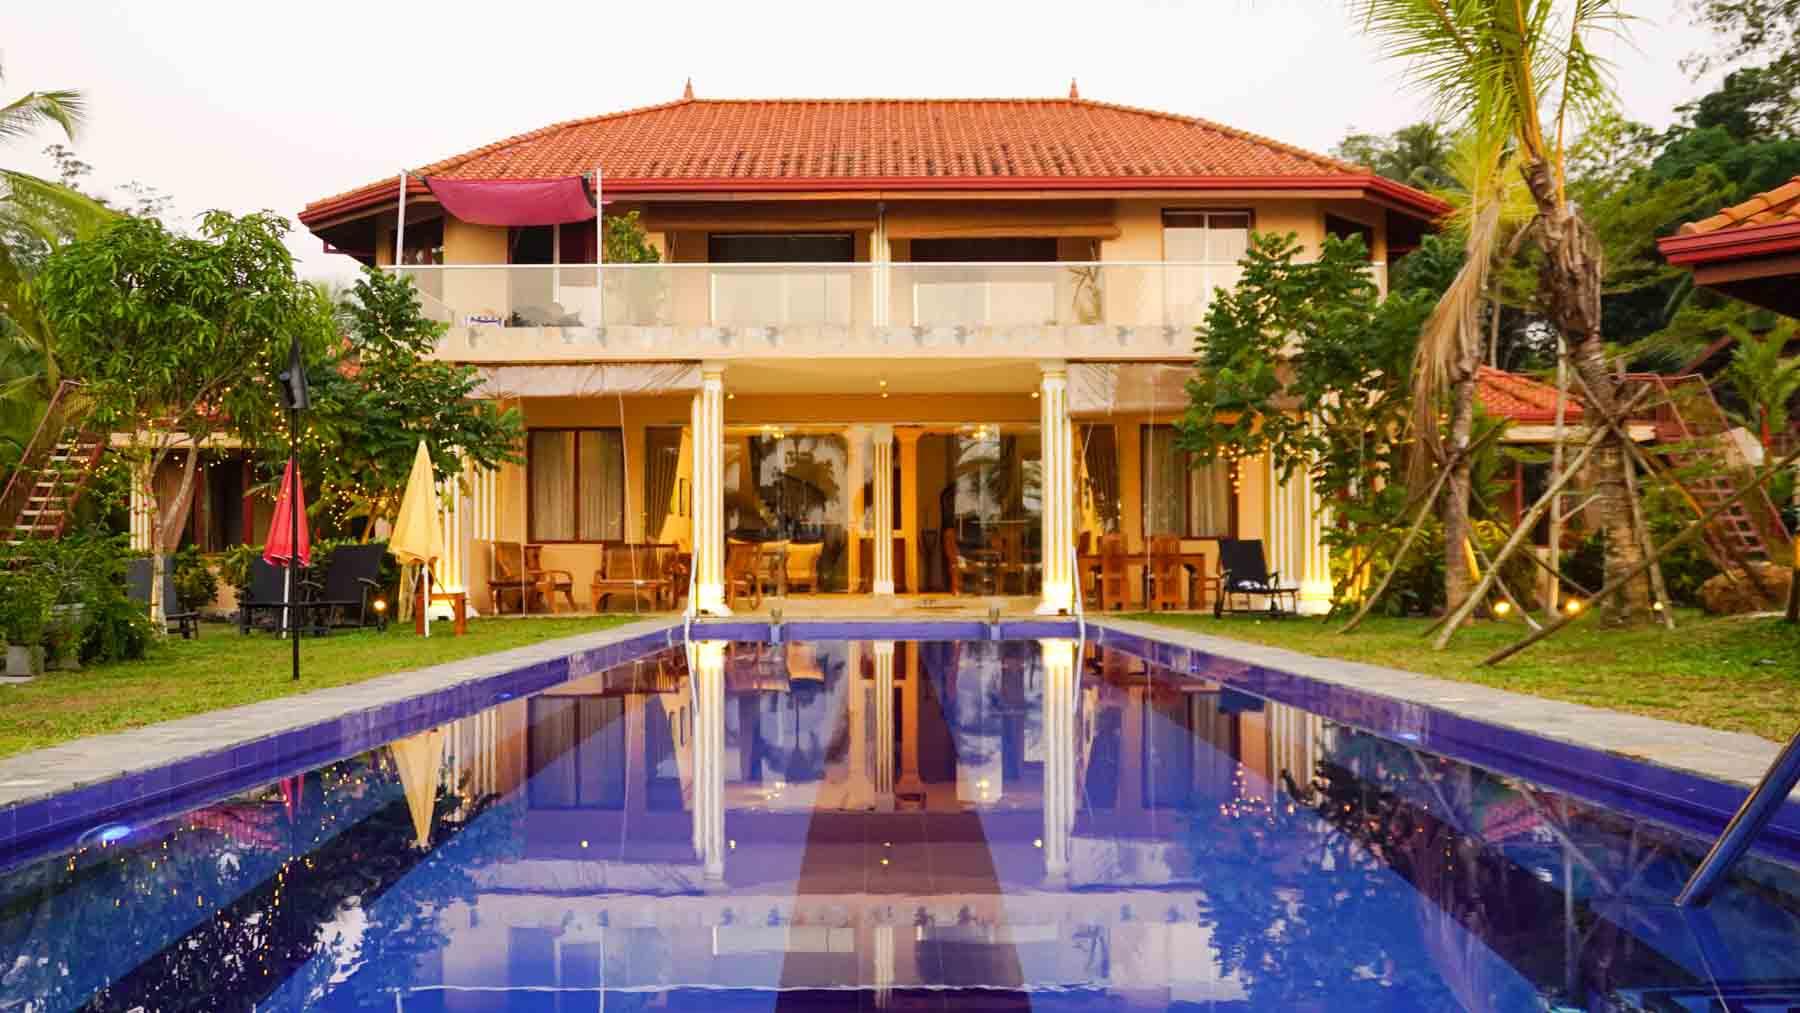 Ayurveda Resort Pool Frontansicht der Villa mit blauem Pool